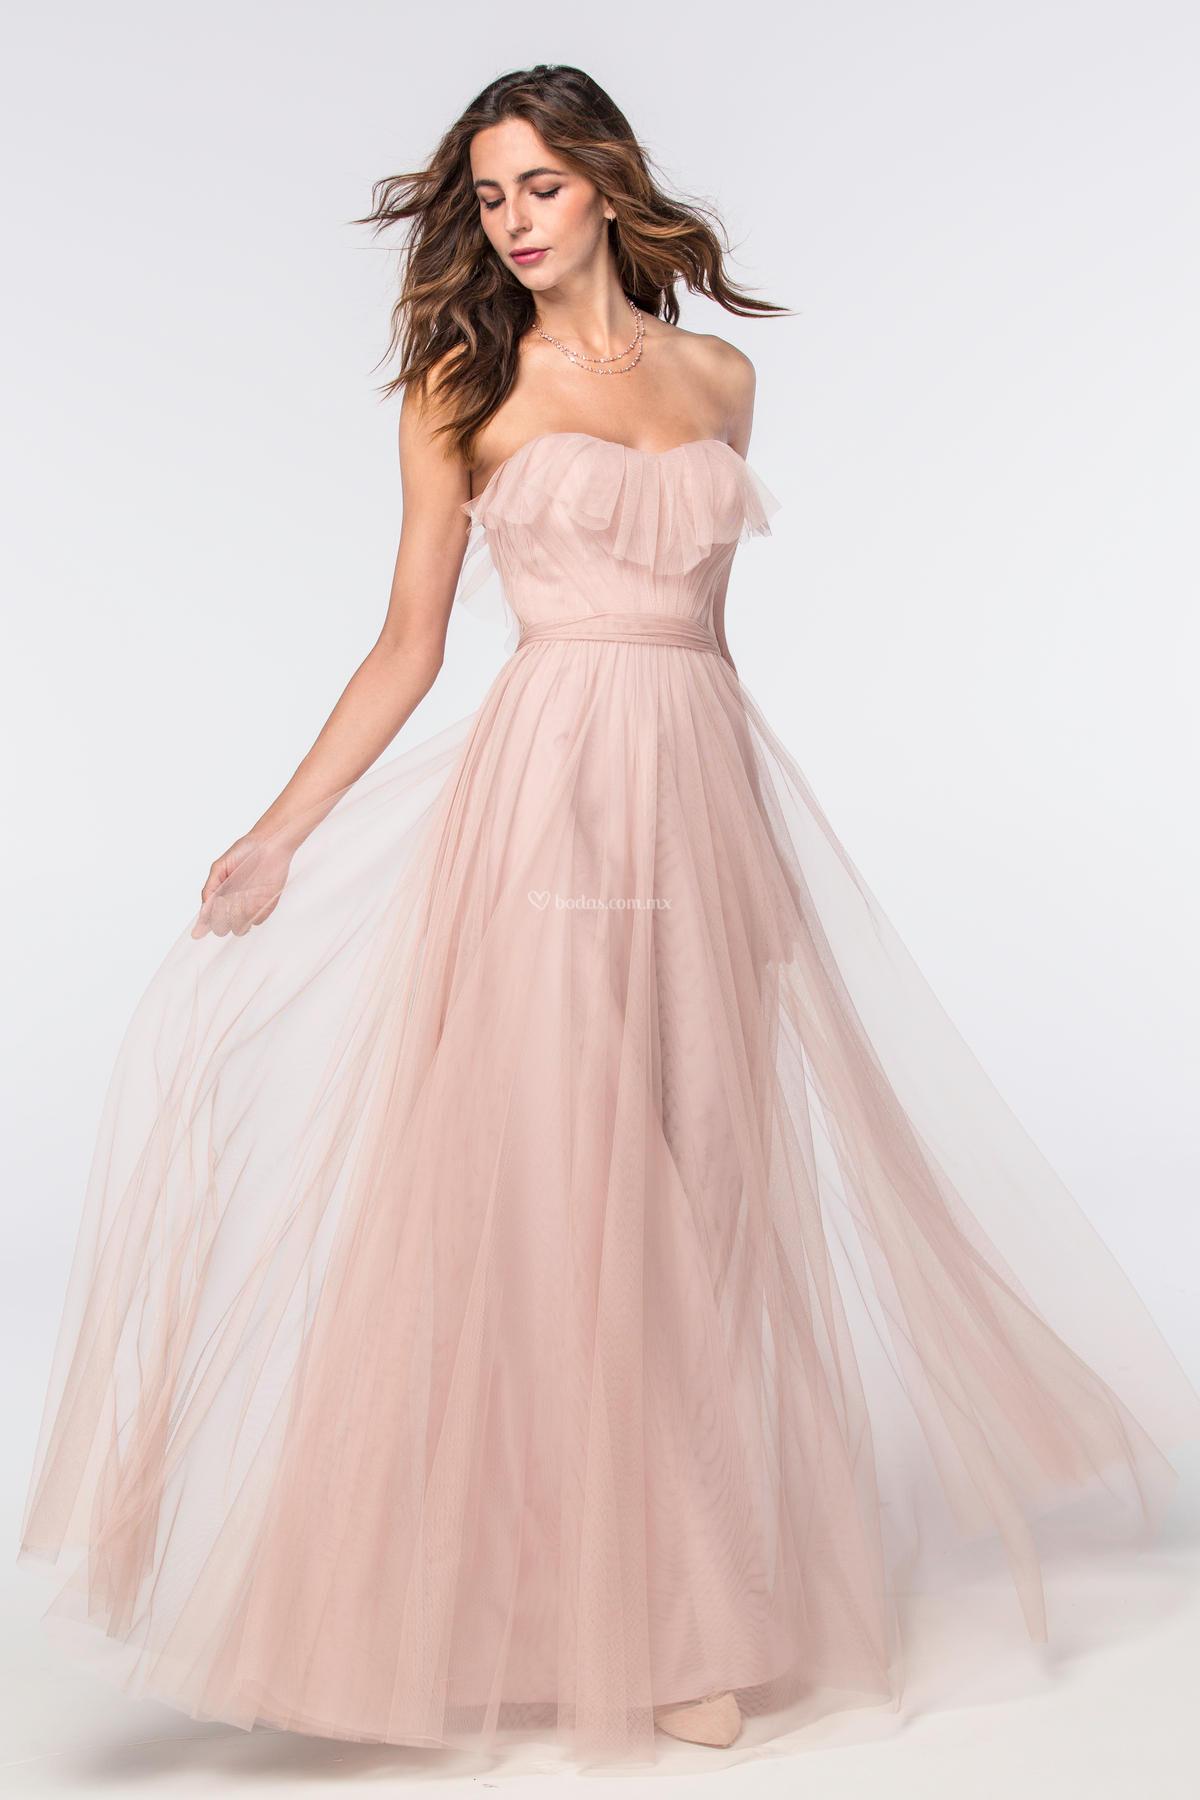 Fantástico Vestido De Novia Perla Adorno - Colección de Vestidos de ...